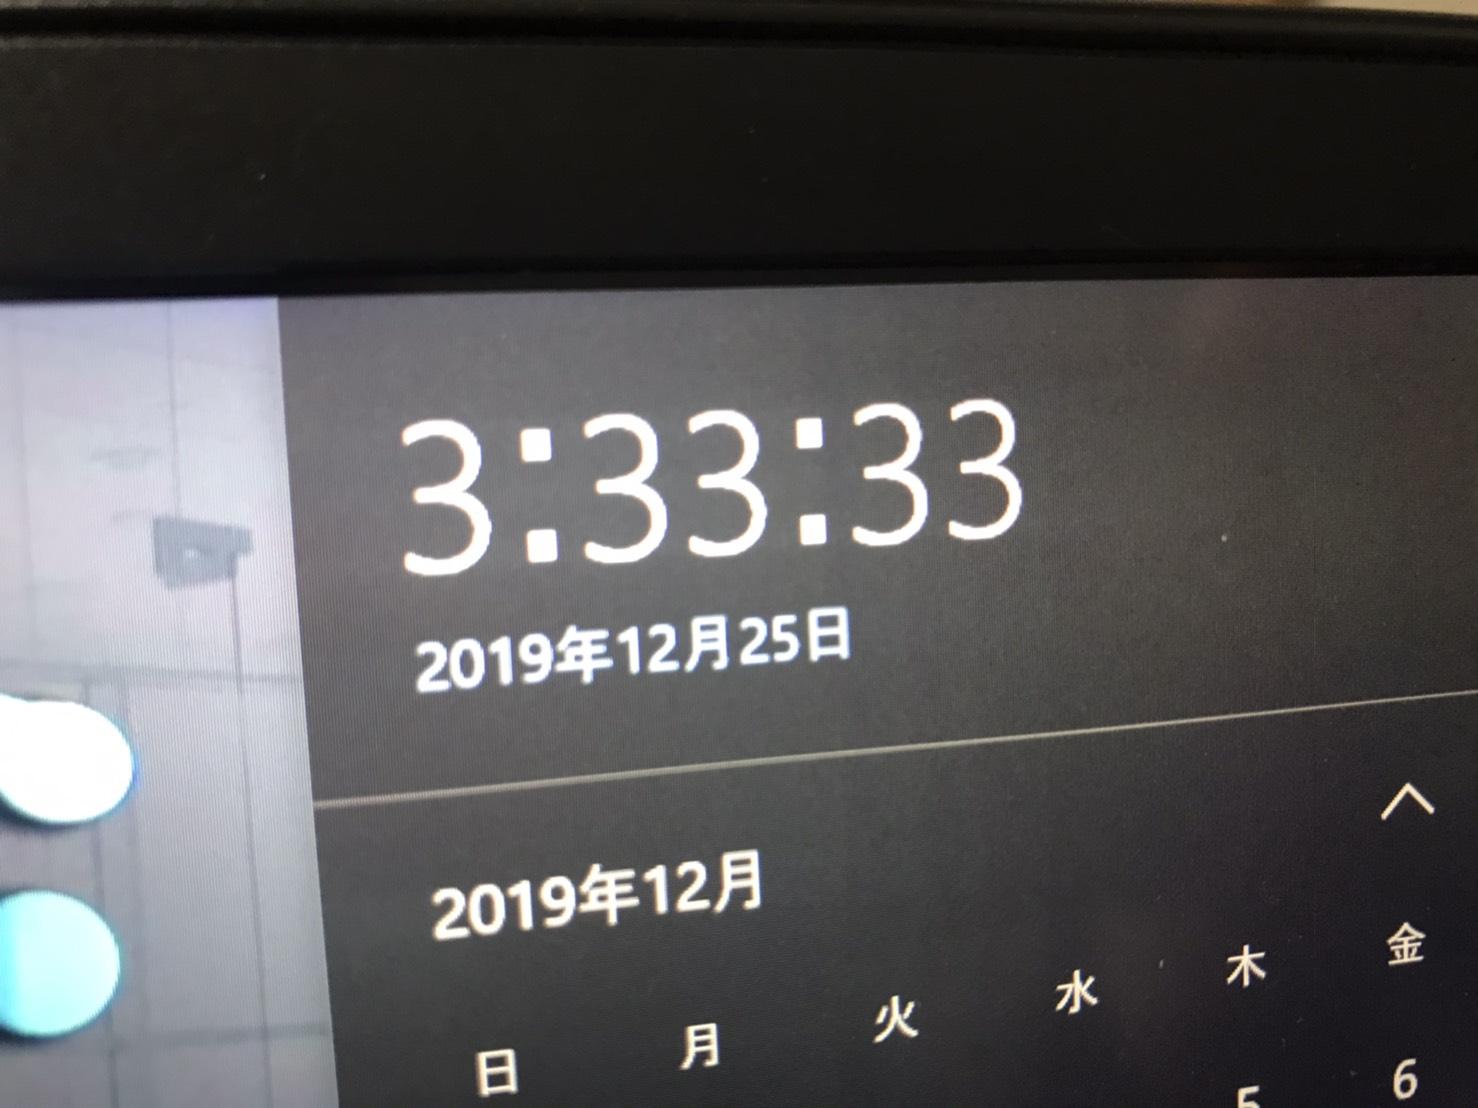 3時33分33秒